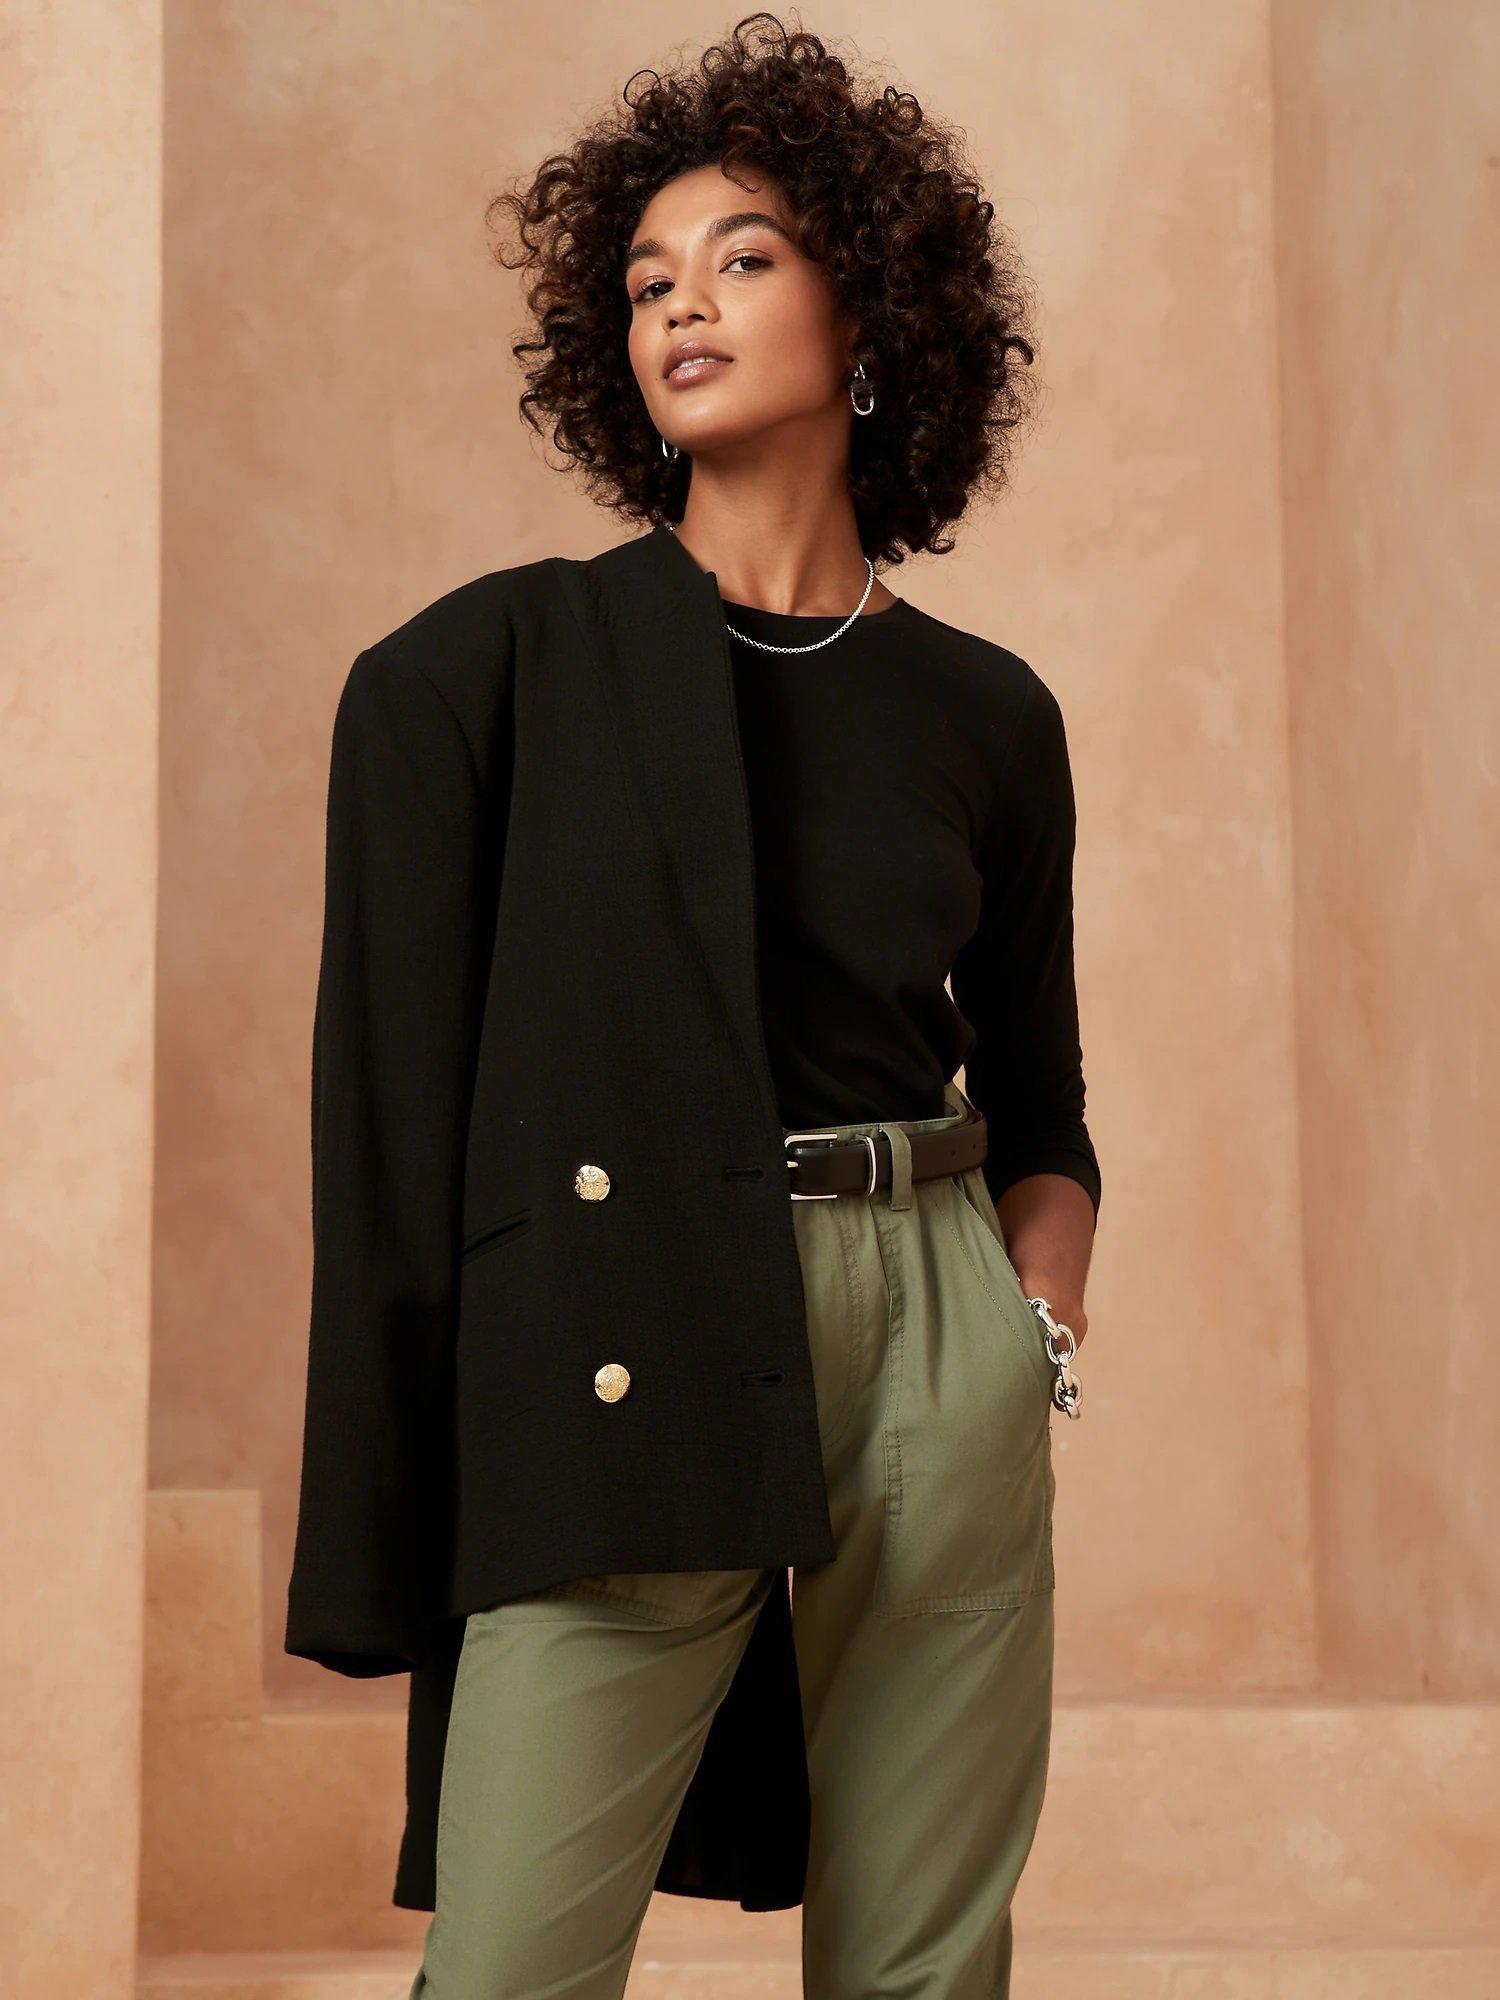 トップス, Tシャツ・カットソー BANANA REPUBLIC FACTORY STORE (W)BANANA REPUBLIC FACTORY STORET T